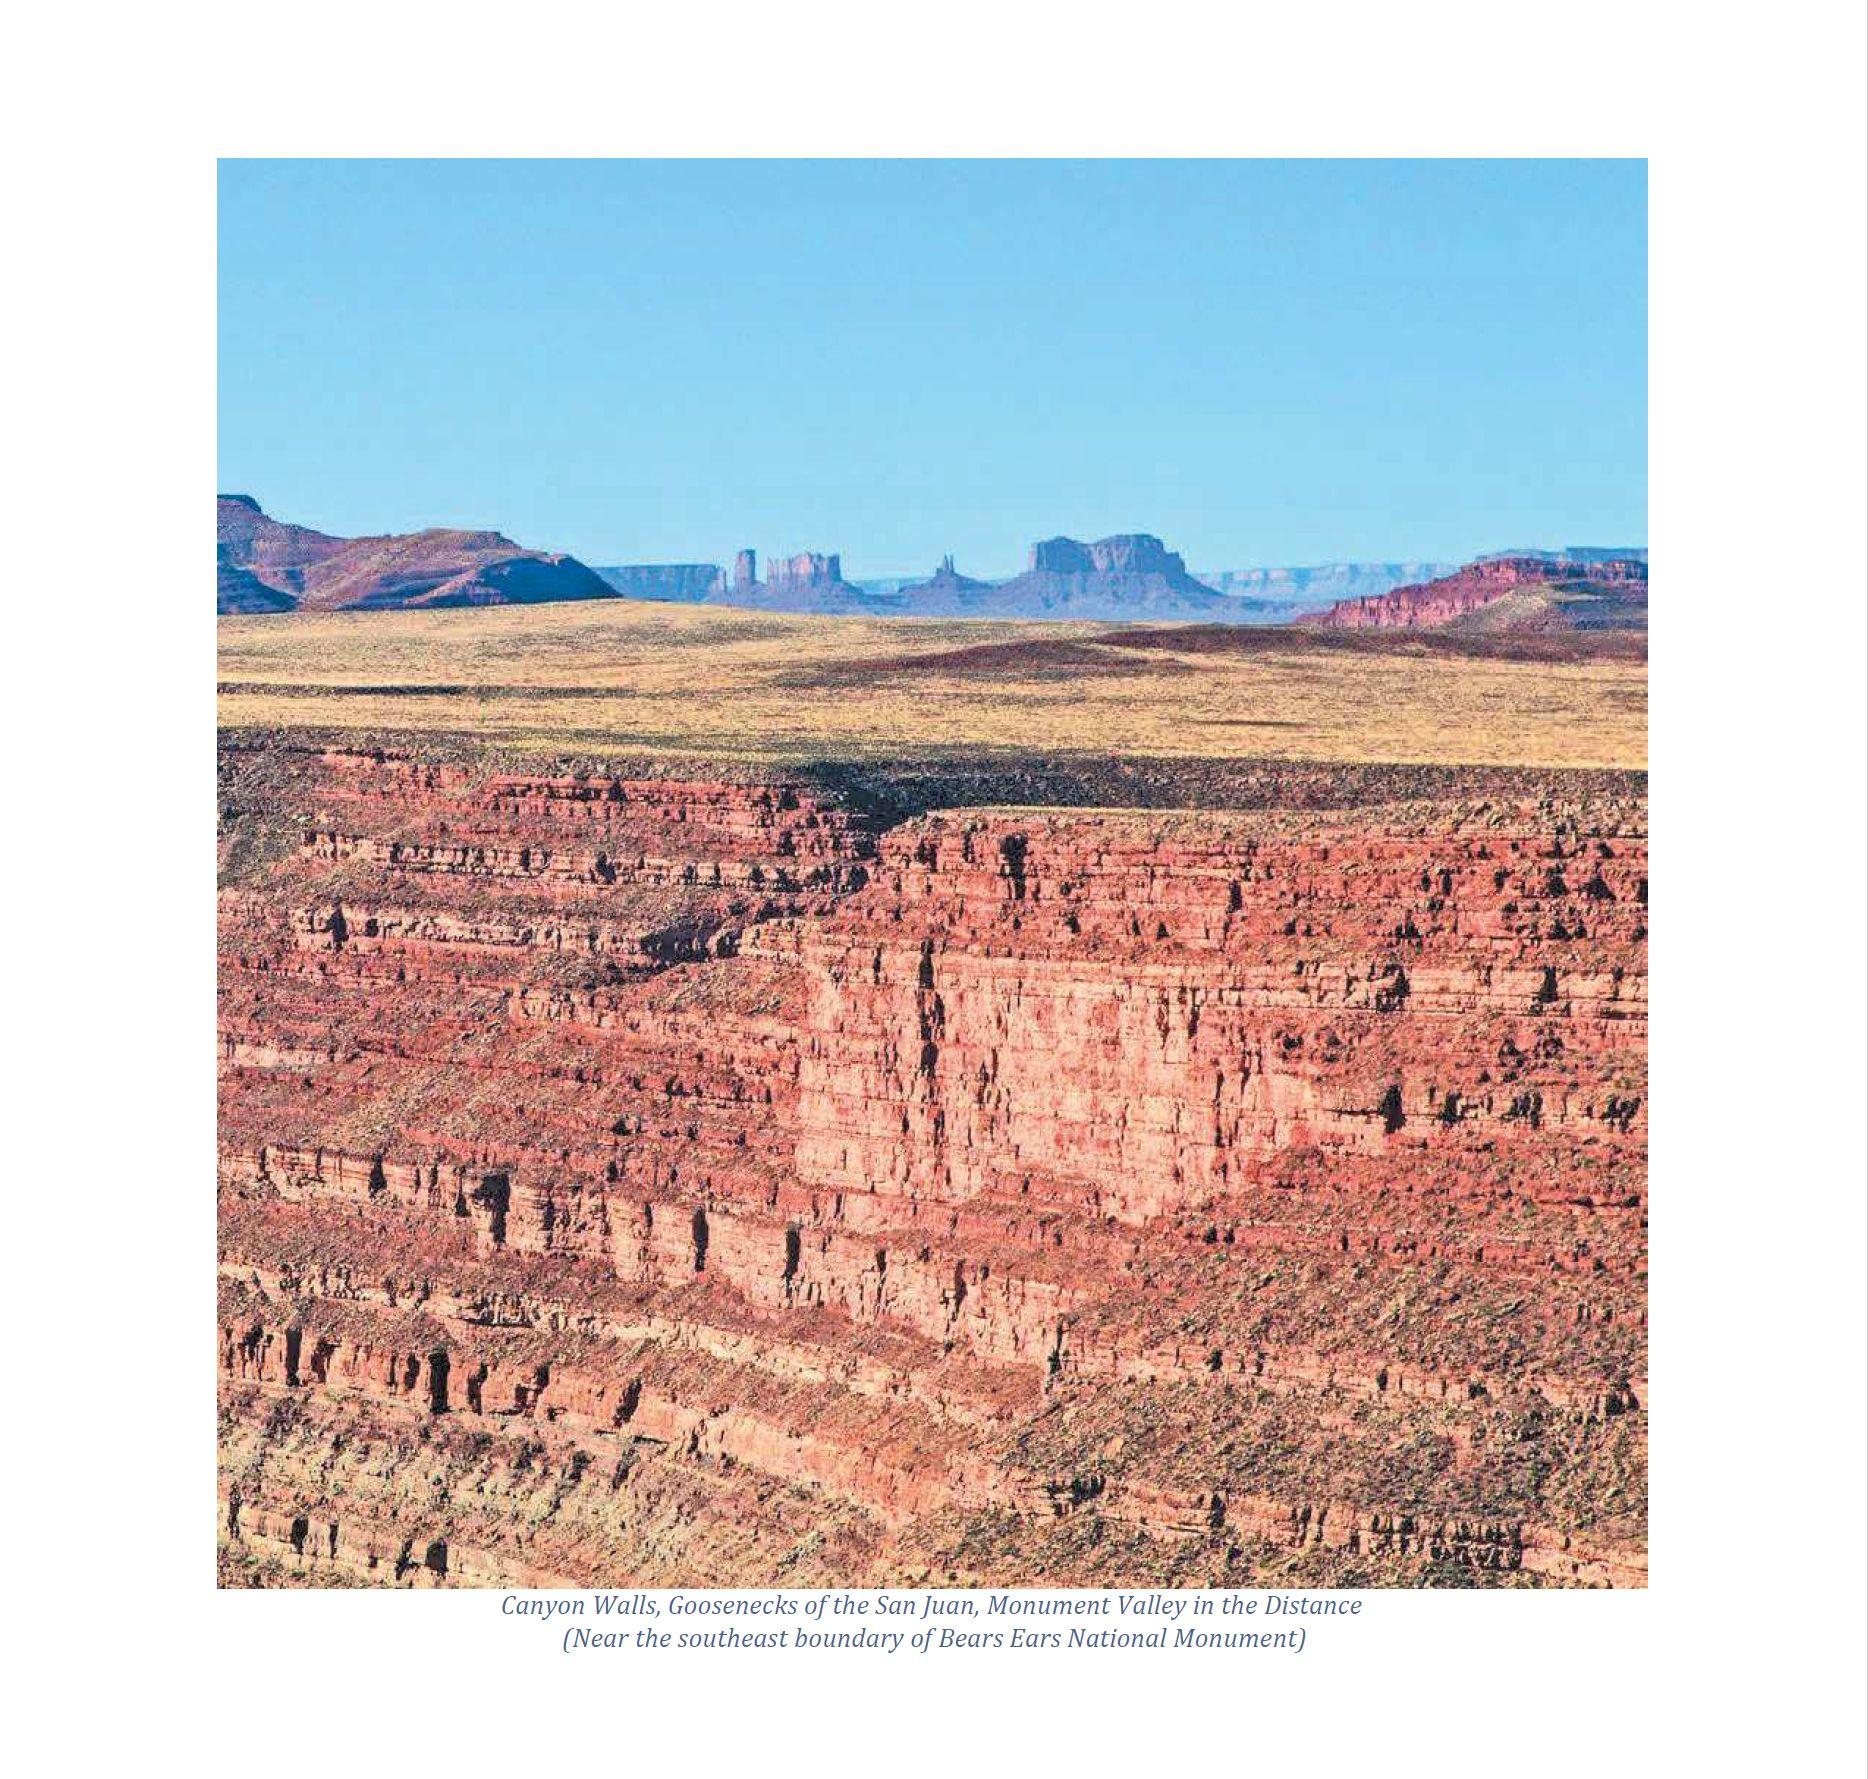 Goosenecks to Monument Valley  Bears Ears